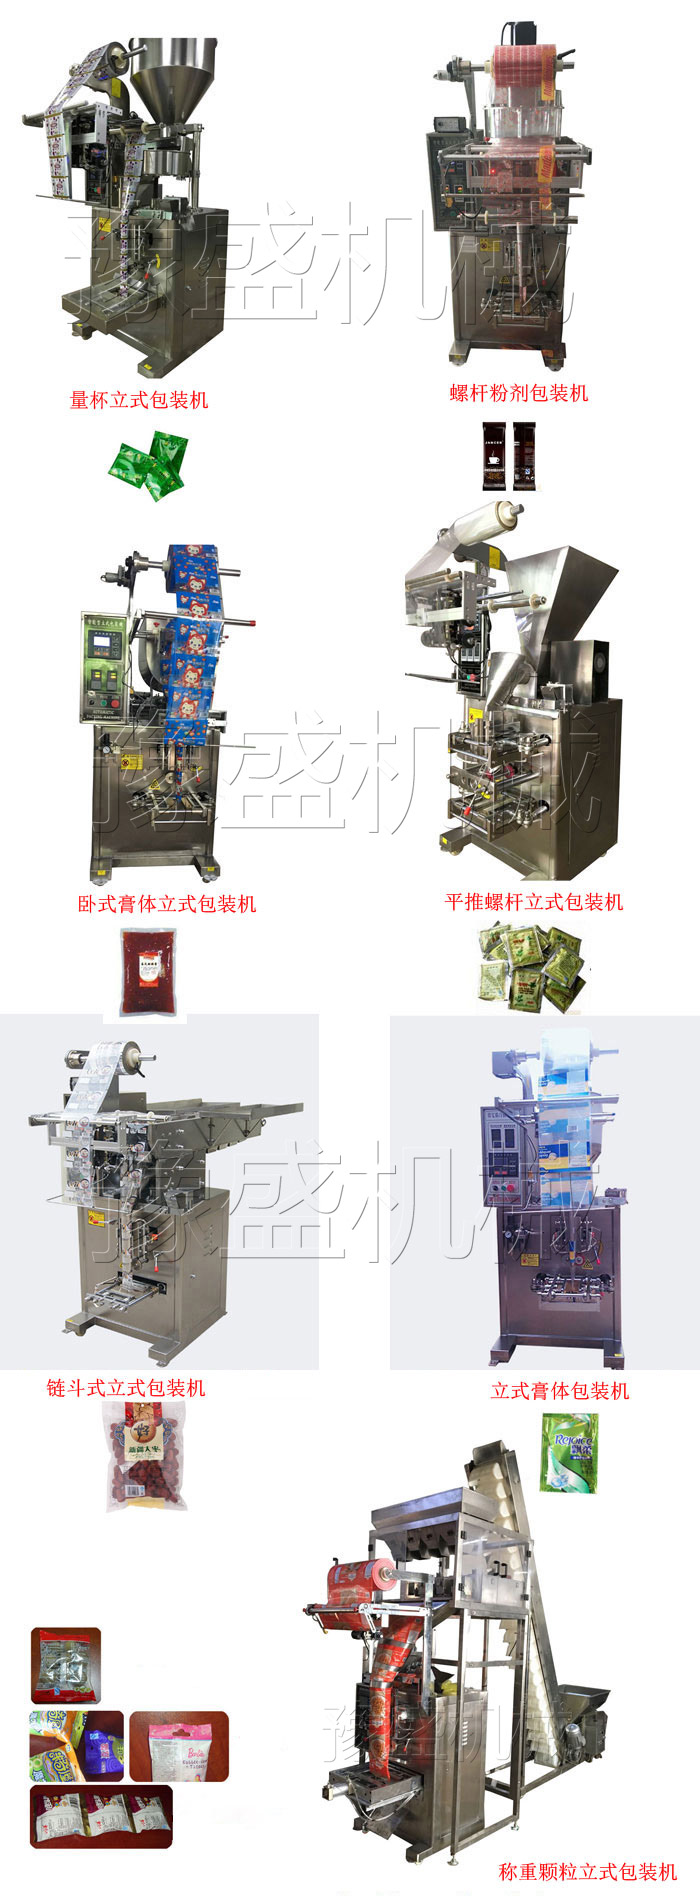 咖啡粉全自动包装机工作流程图